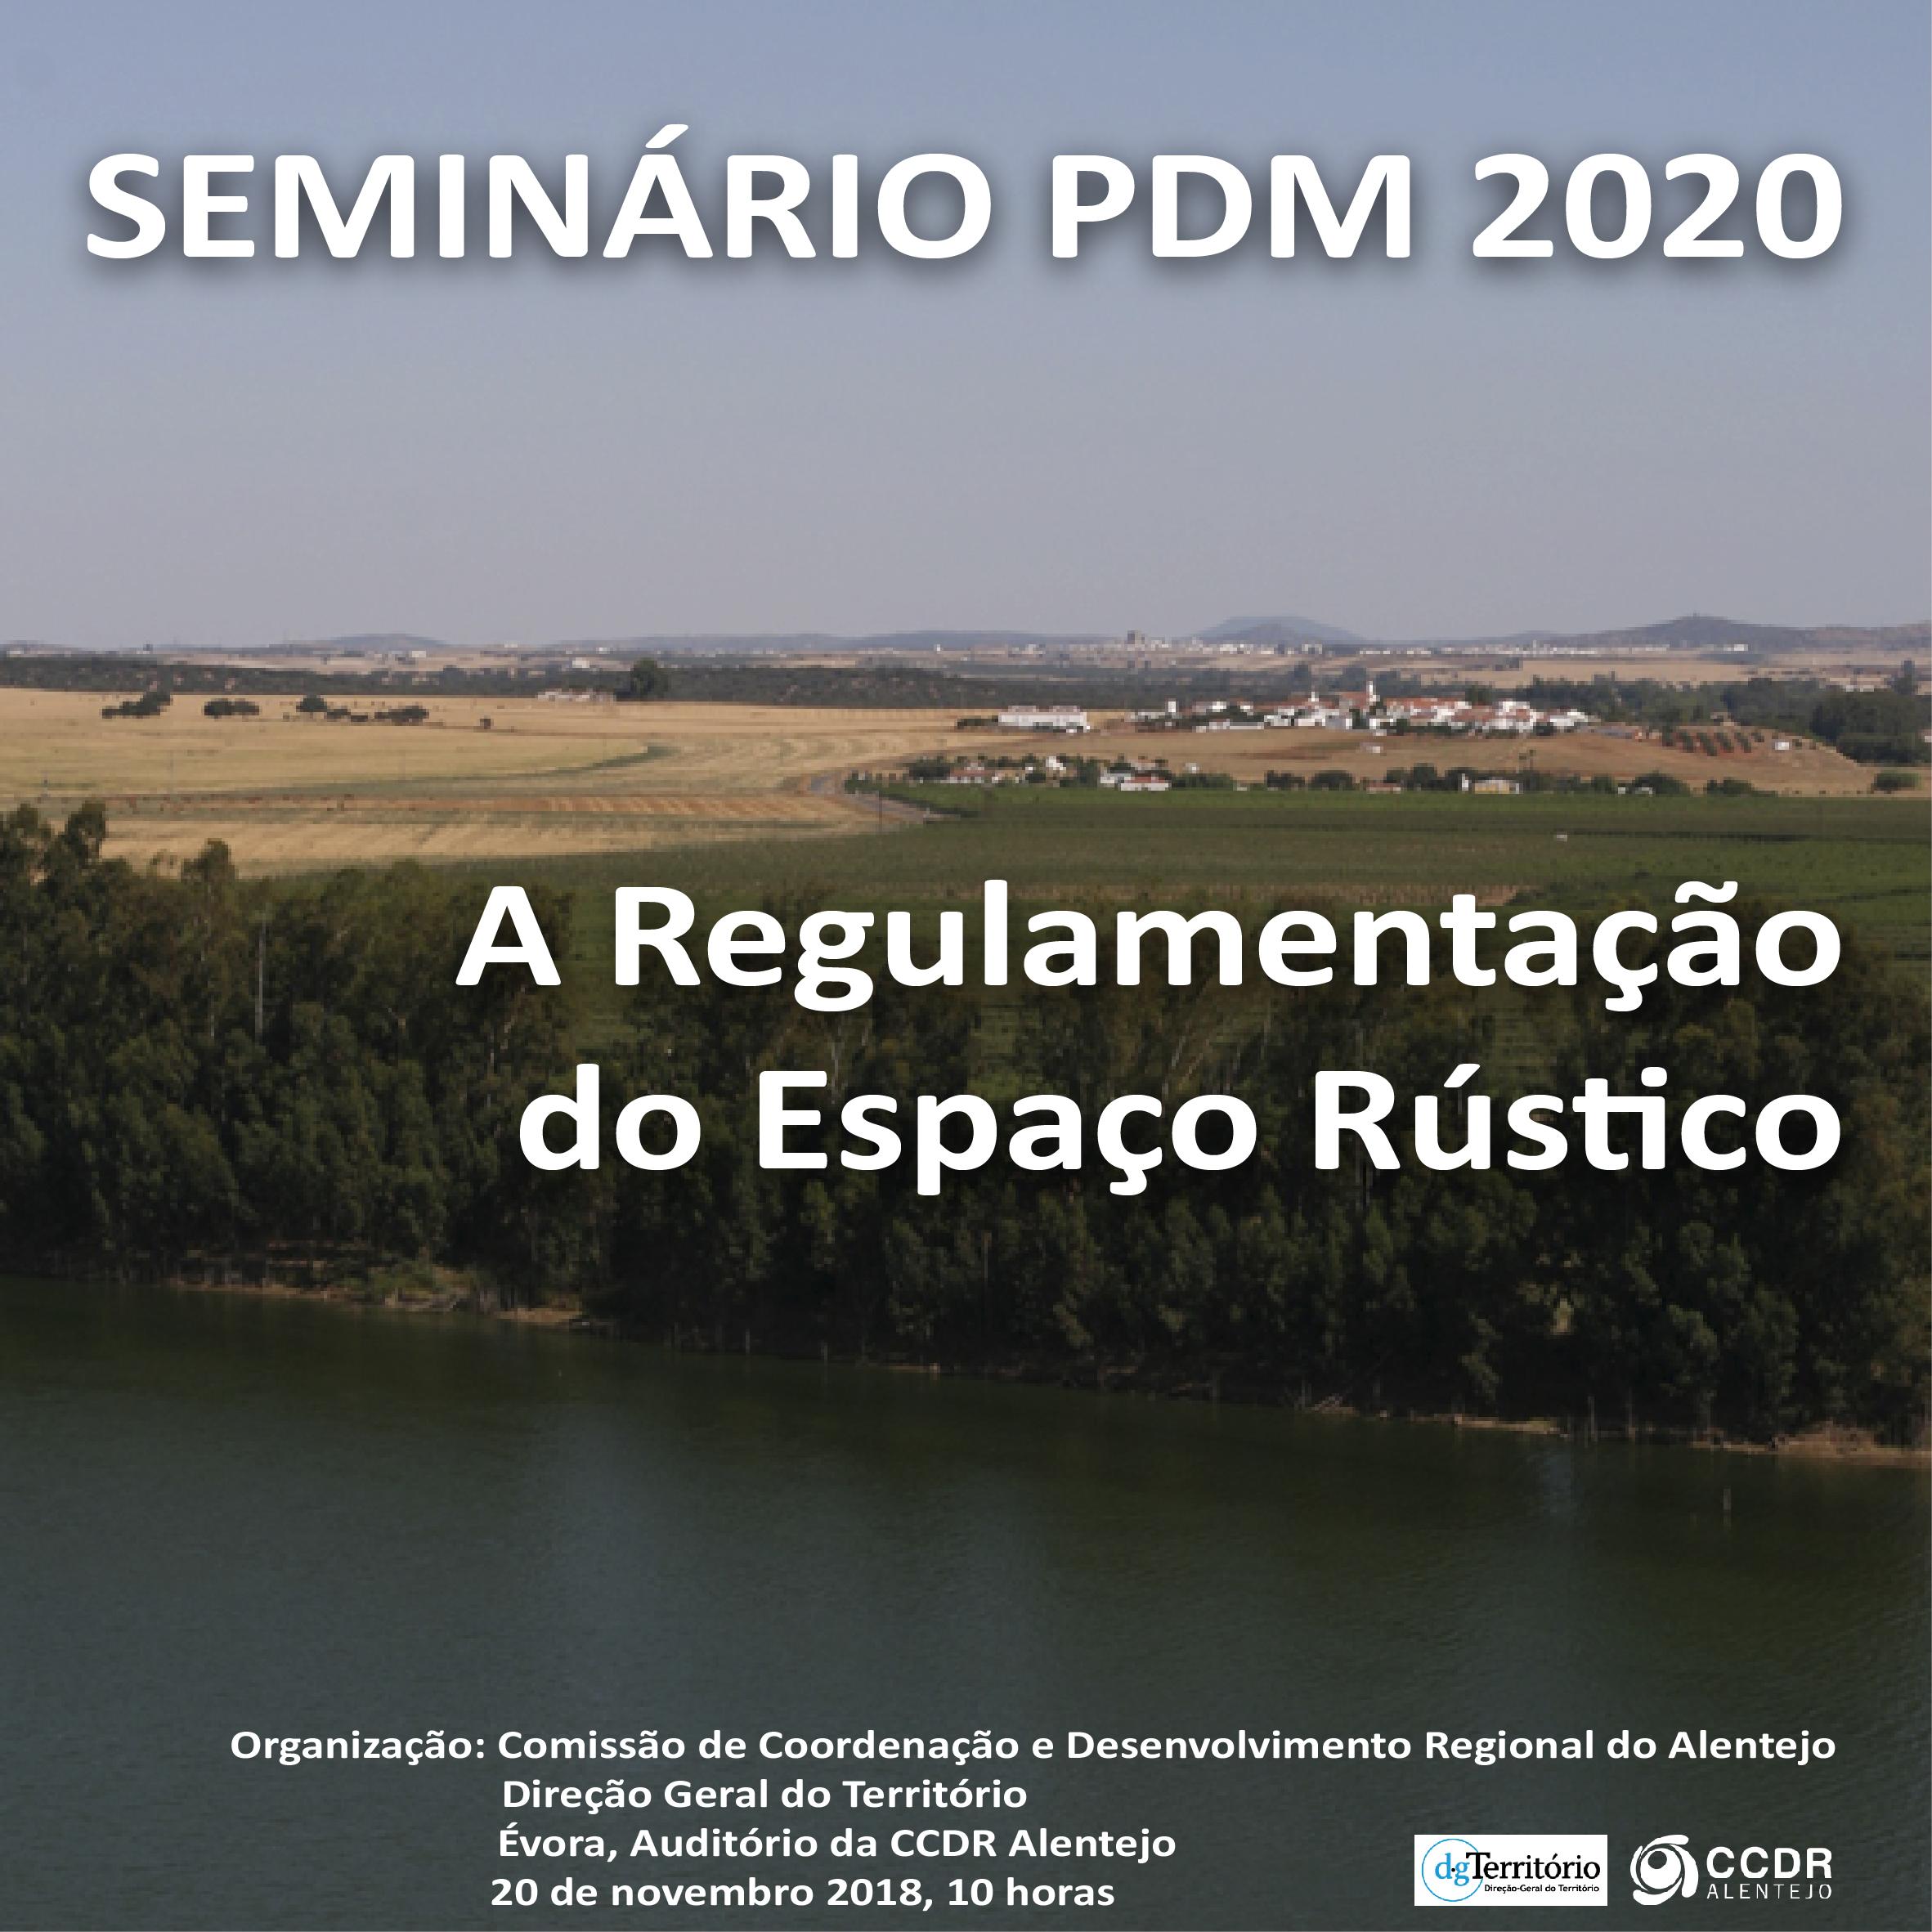 Seminário PDM2020 - A Regulamentação do Espaço Rústico